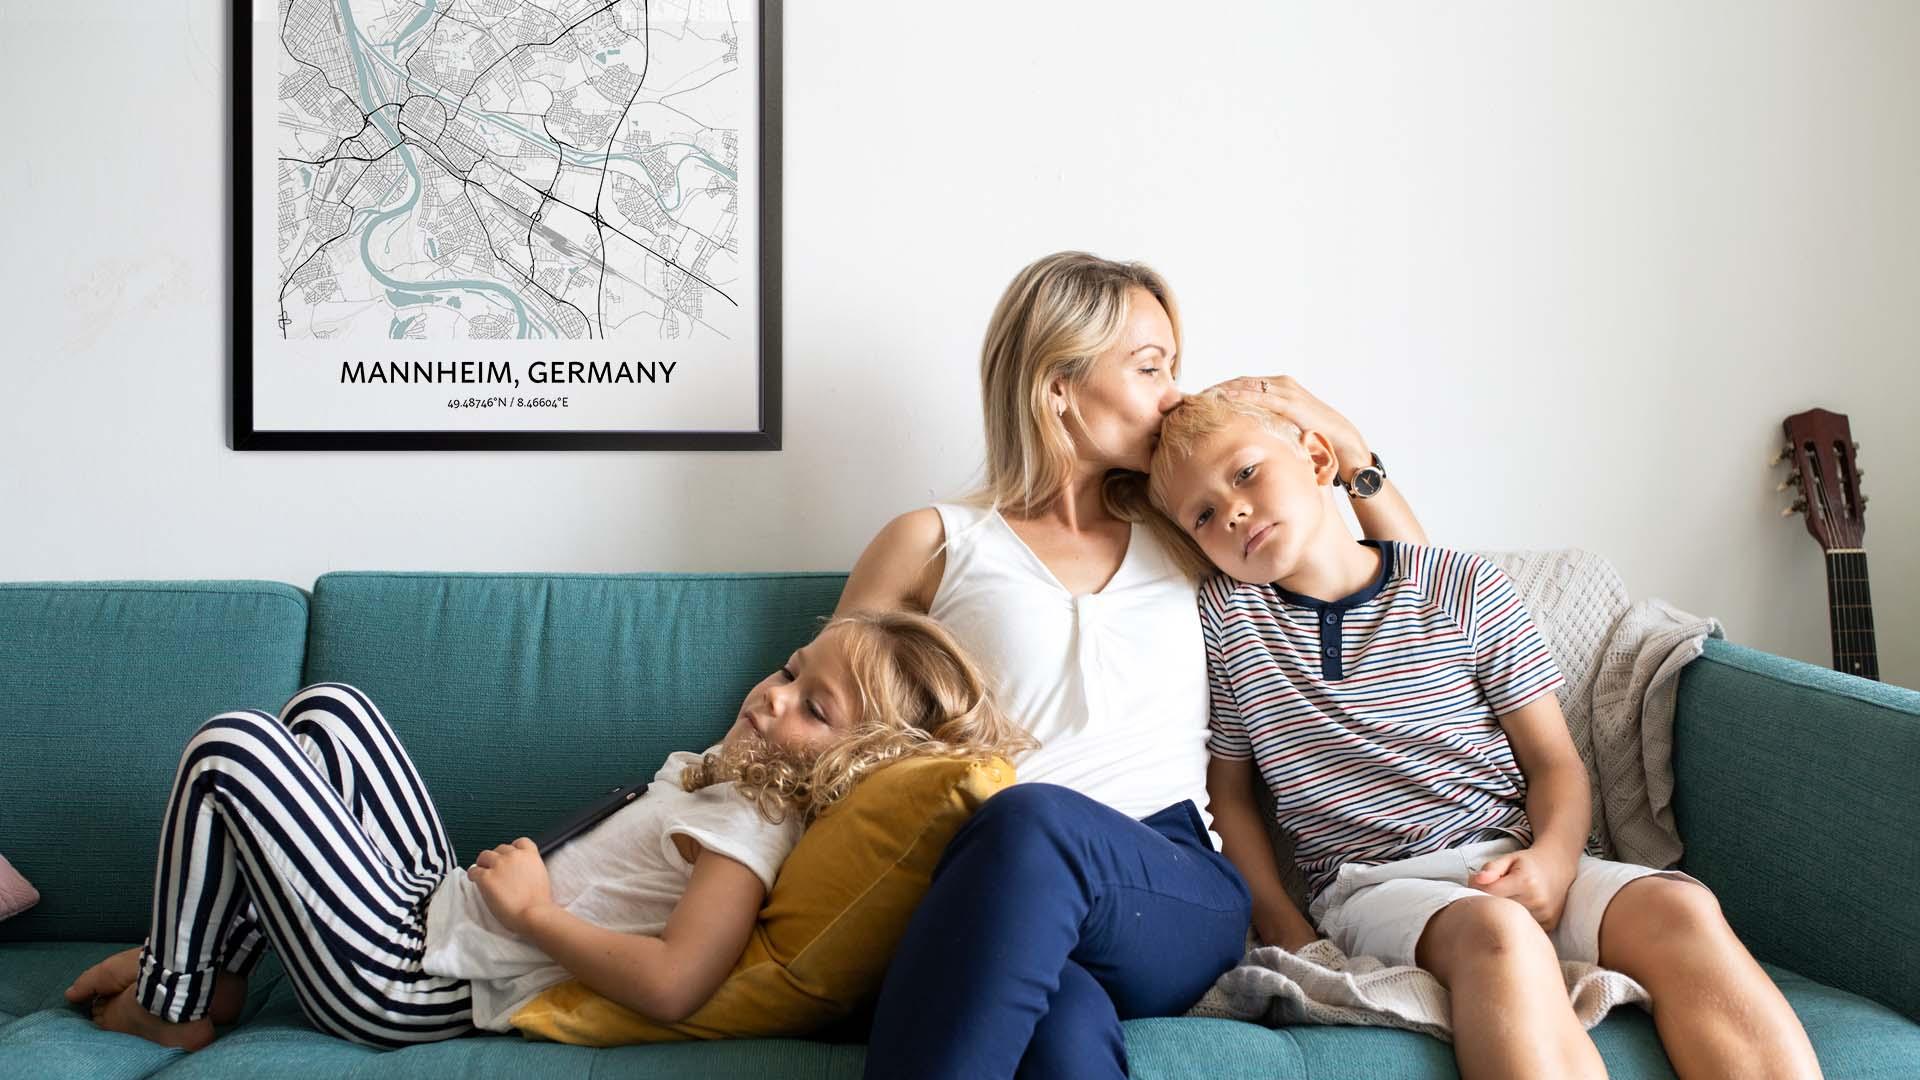 Mannheim map poster